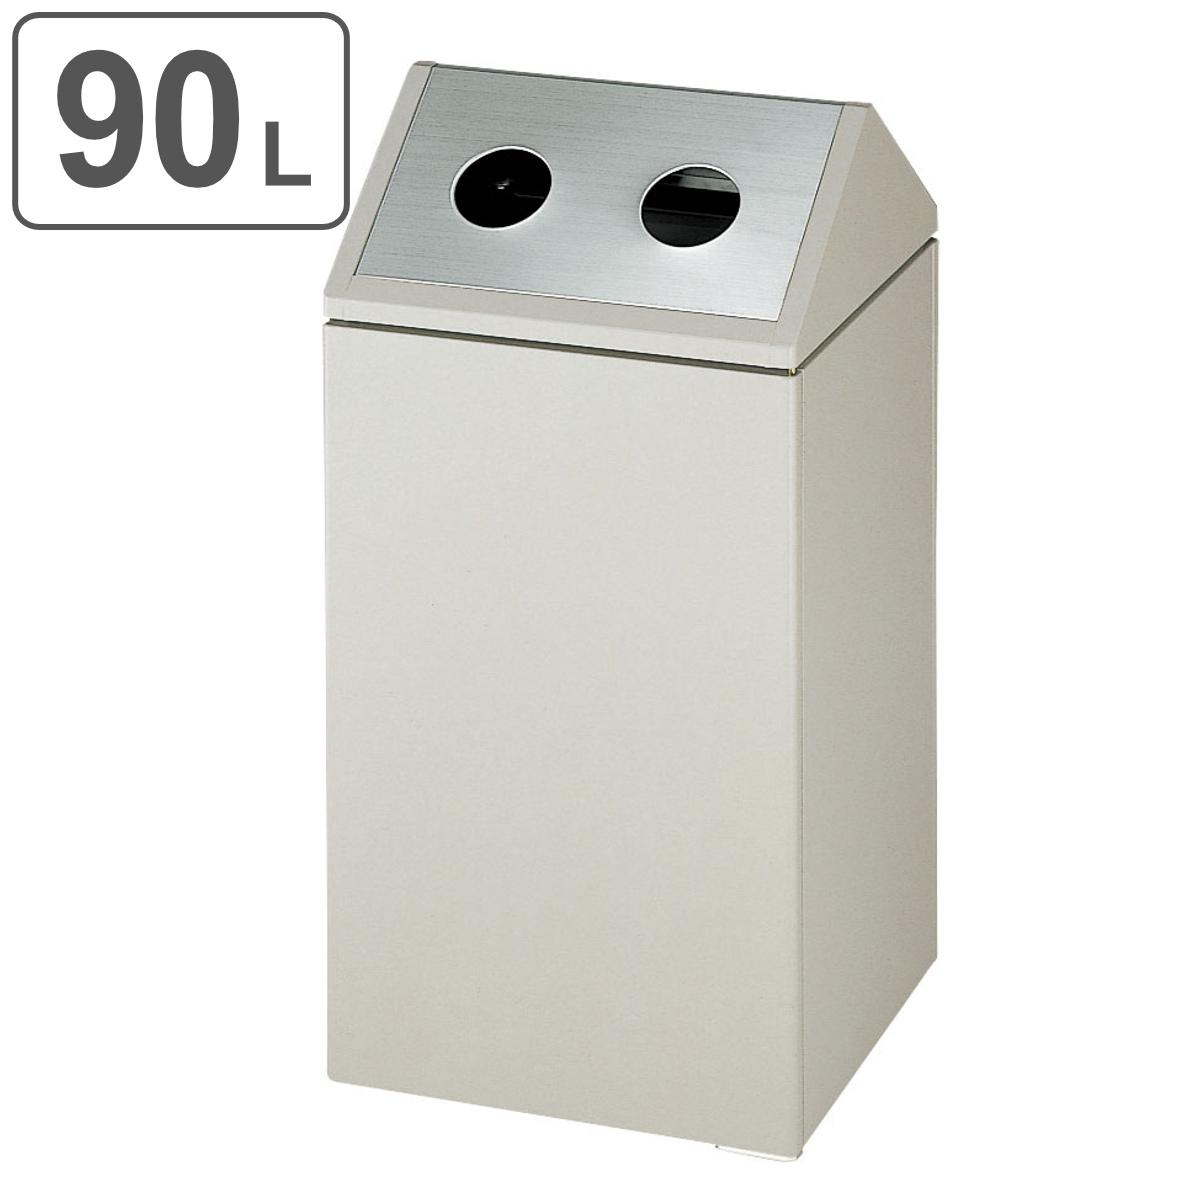 送料無料 【4500円以上送料無料】 ゴミ箱 K-500 ダストボックス L2 SG